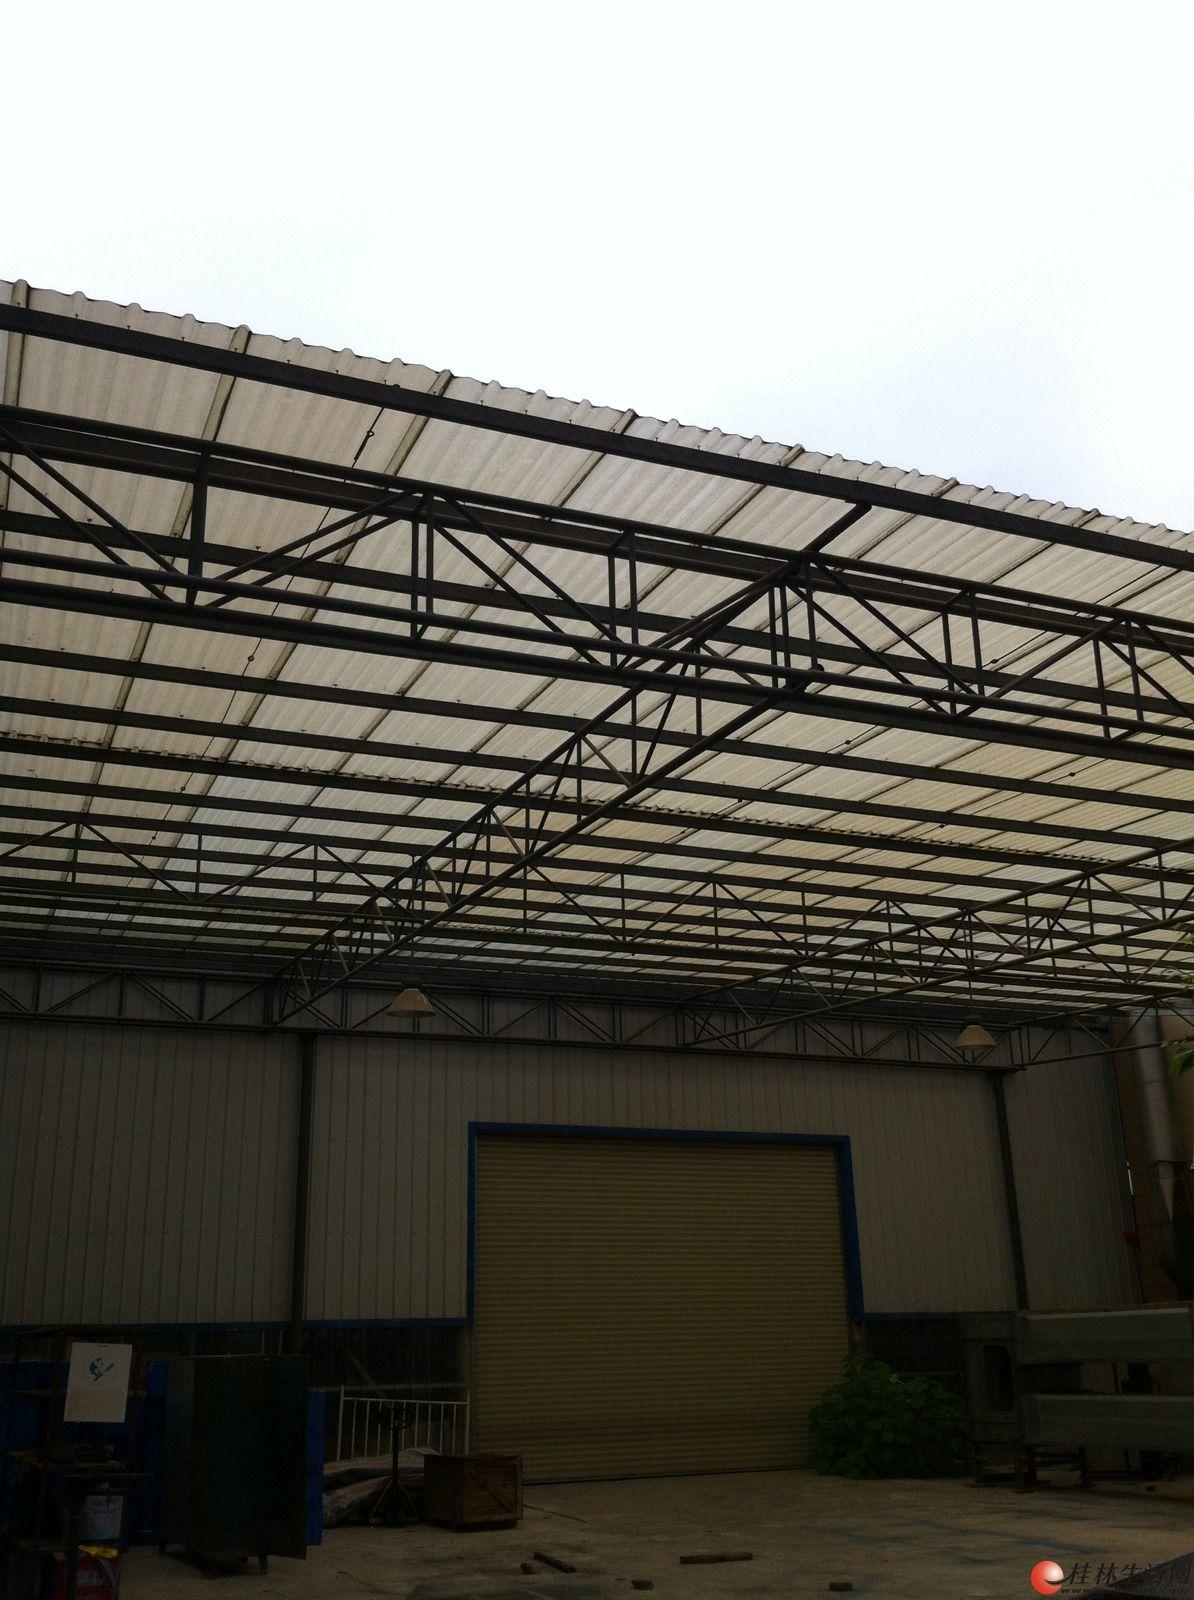 专业制作钢架结构,楼面雨棚,停车棚,玻璃棚,彩钢瓦厂房,铁艺大门等